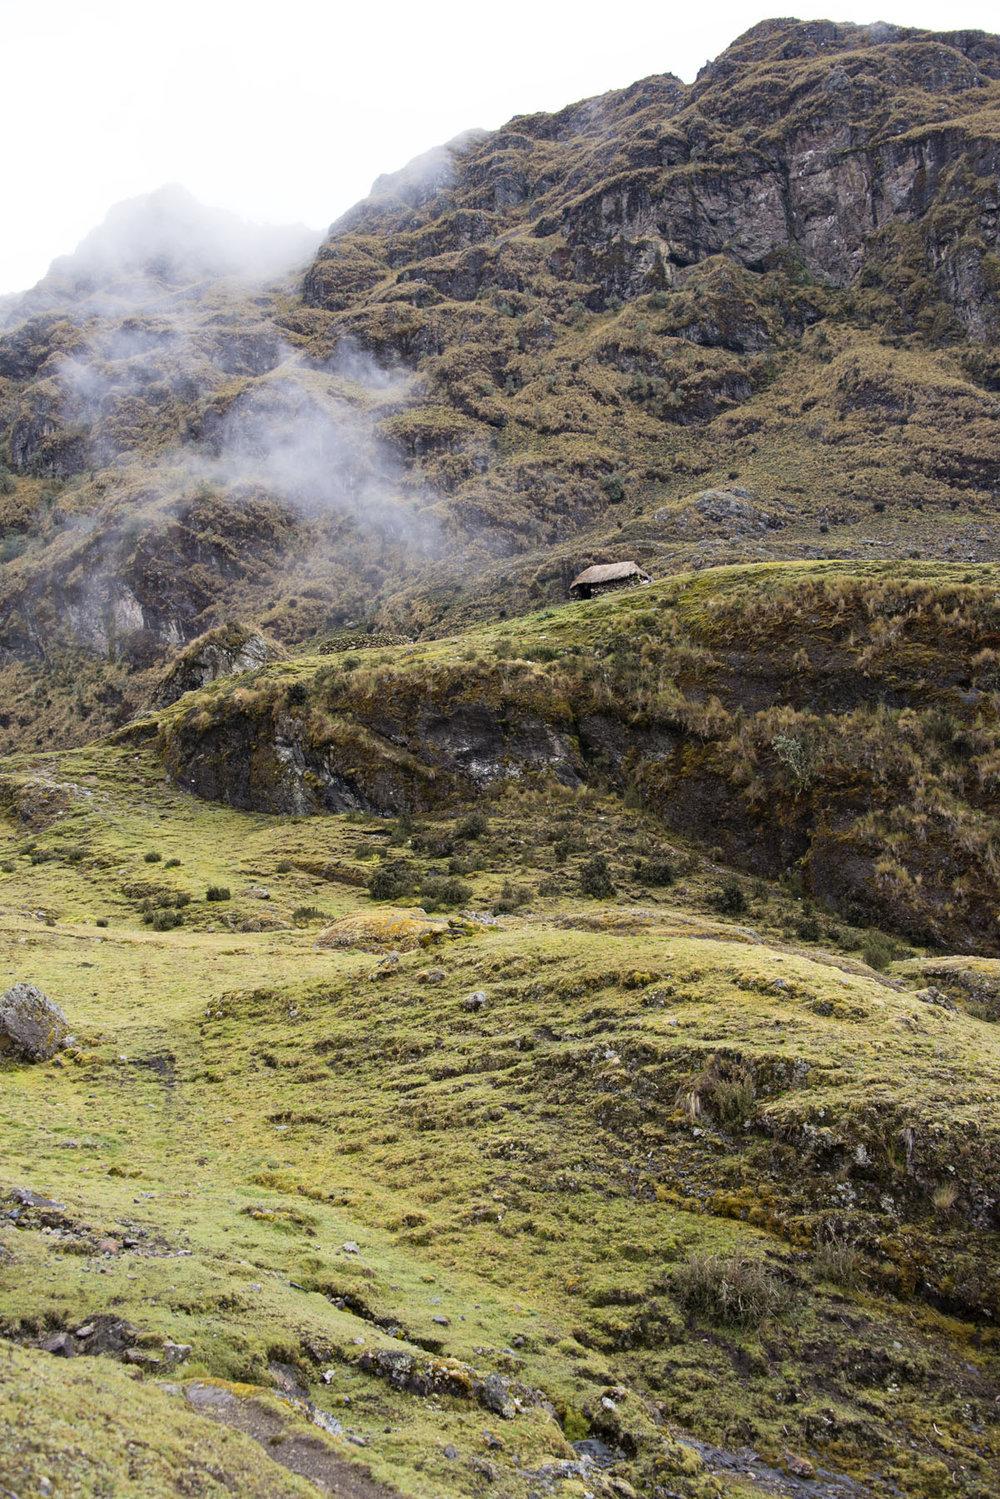 169-Peru-5-15_web_web.jpg